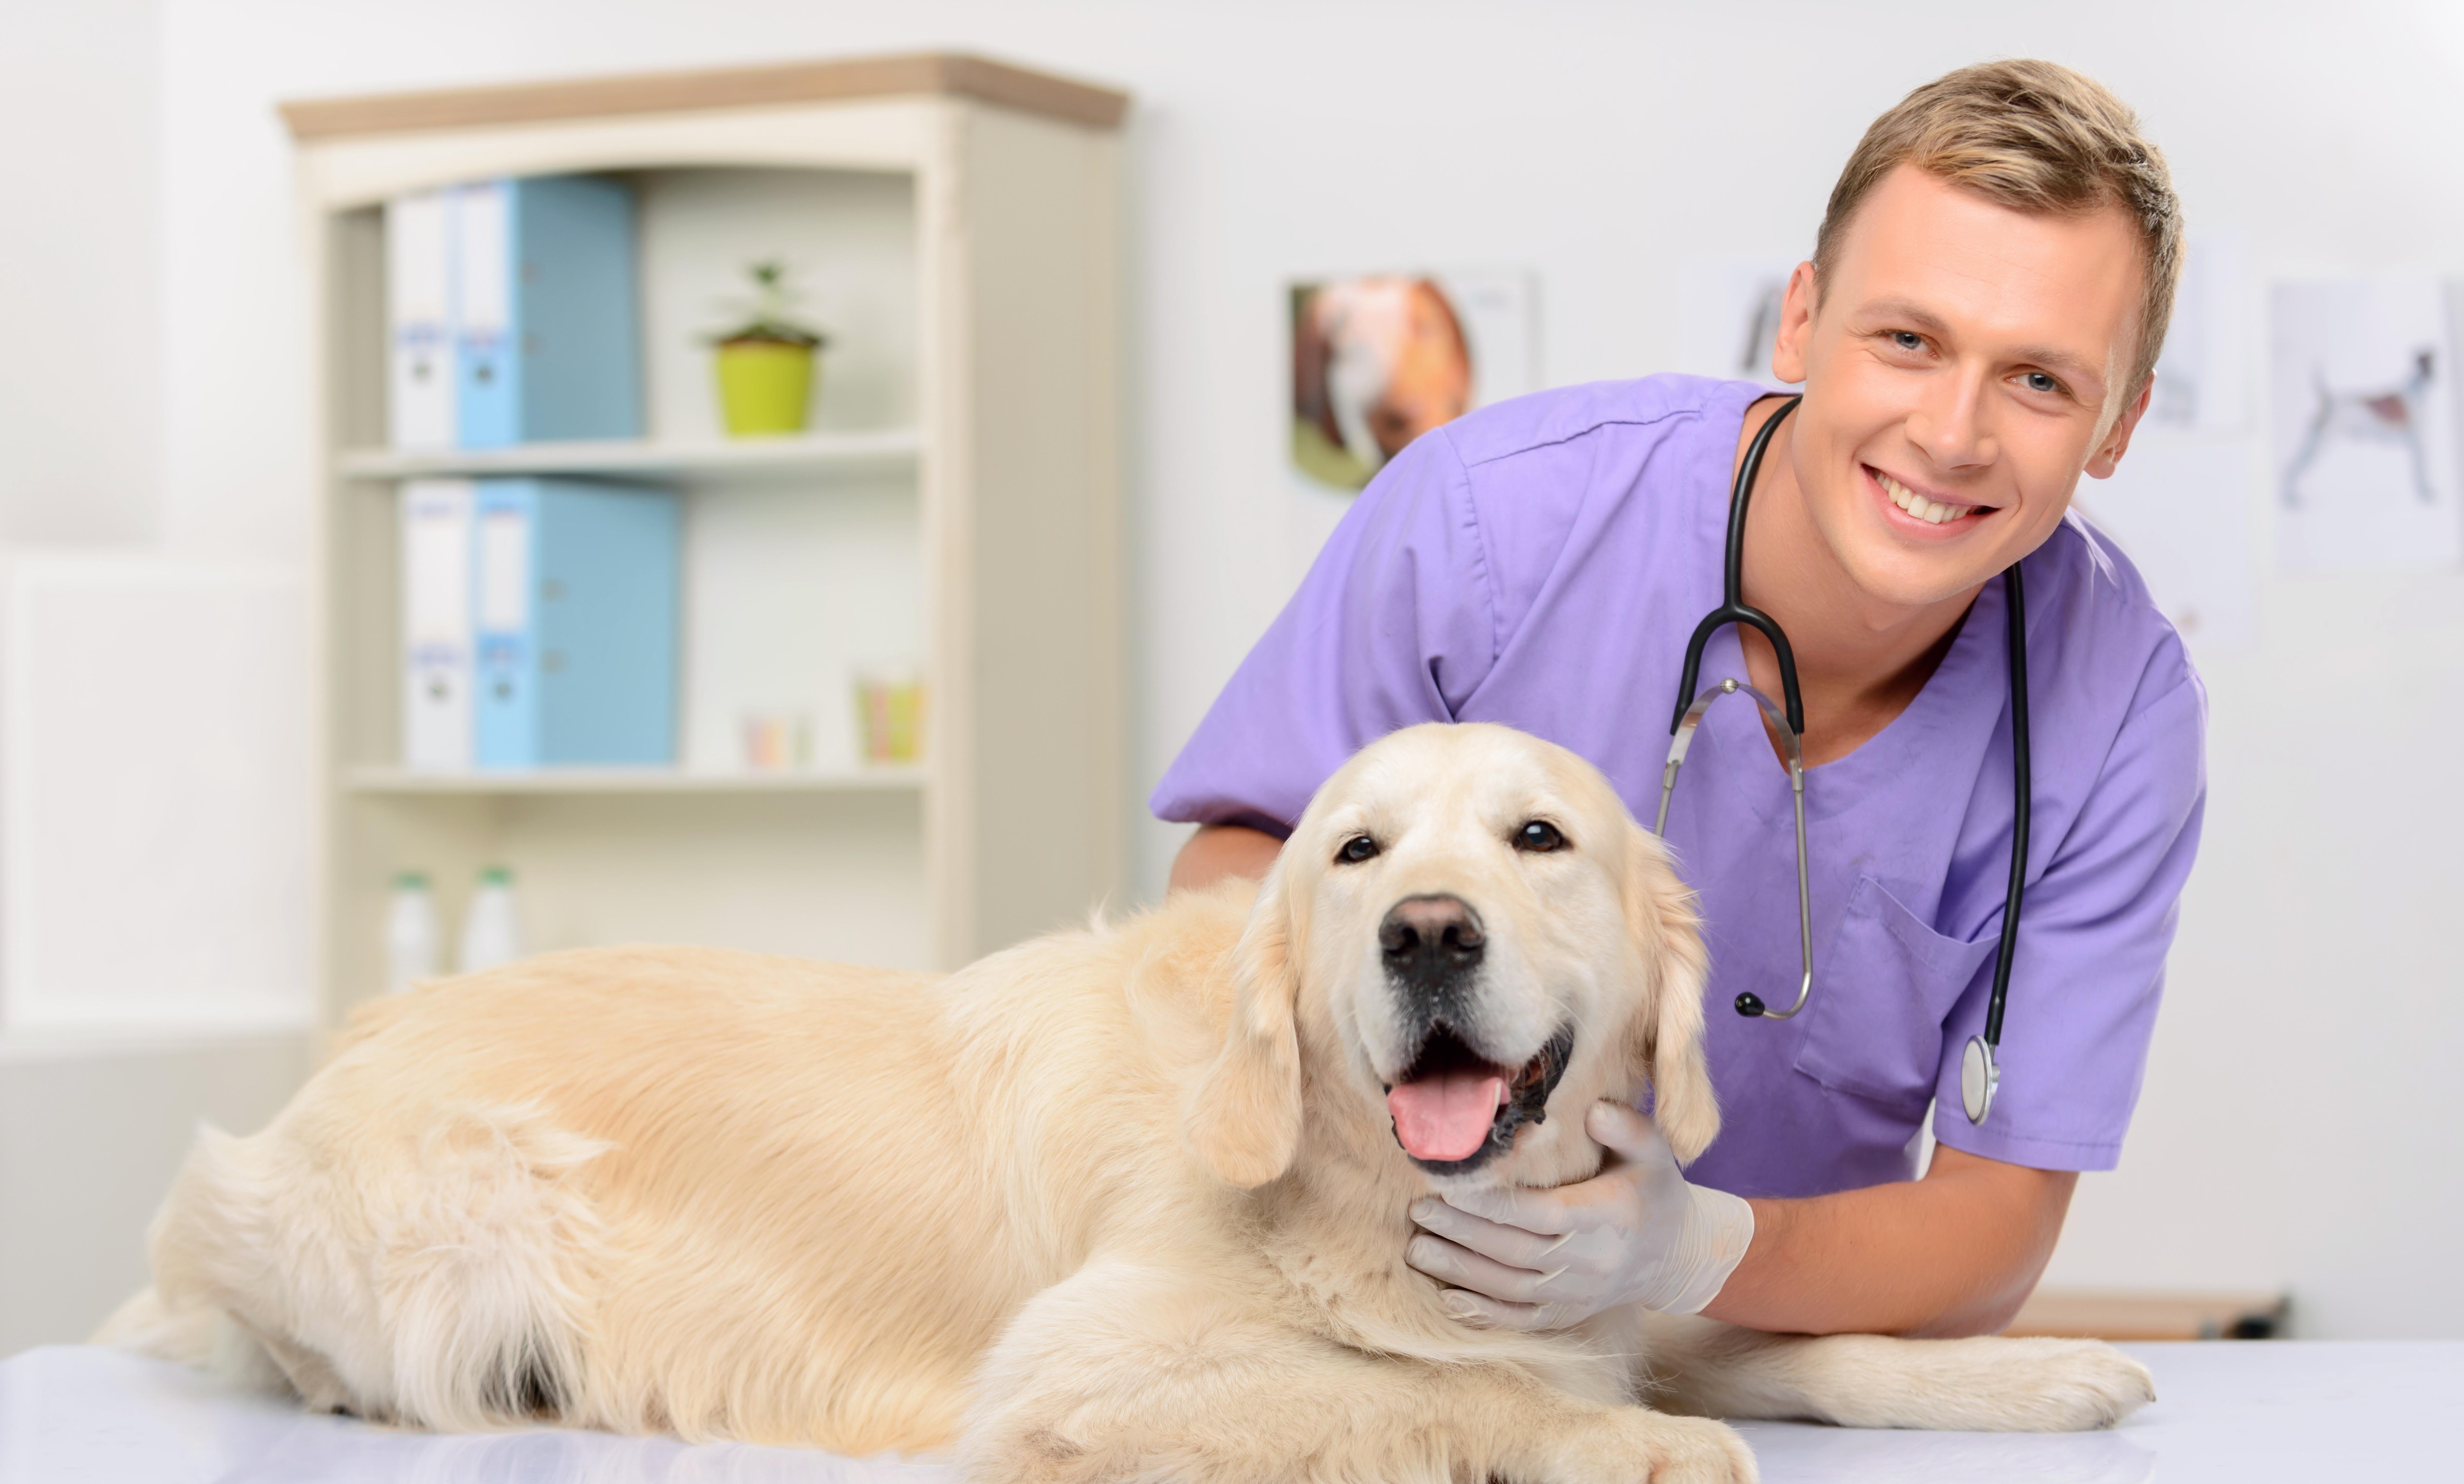 Veterinarian and pooch